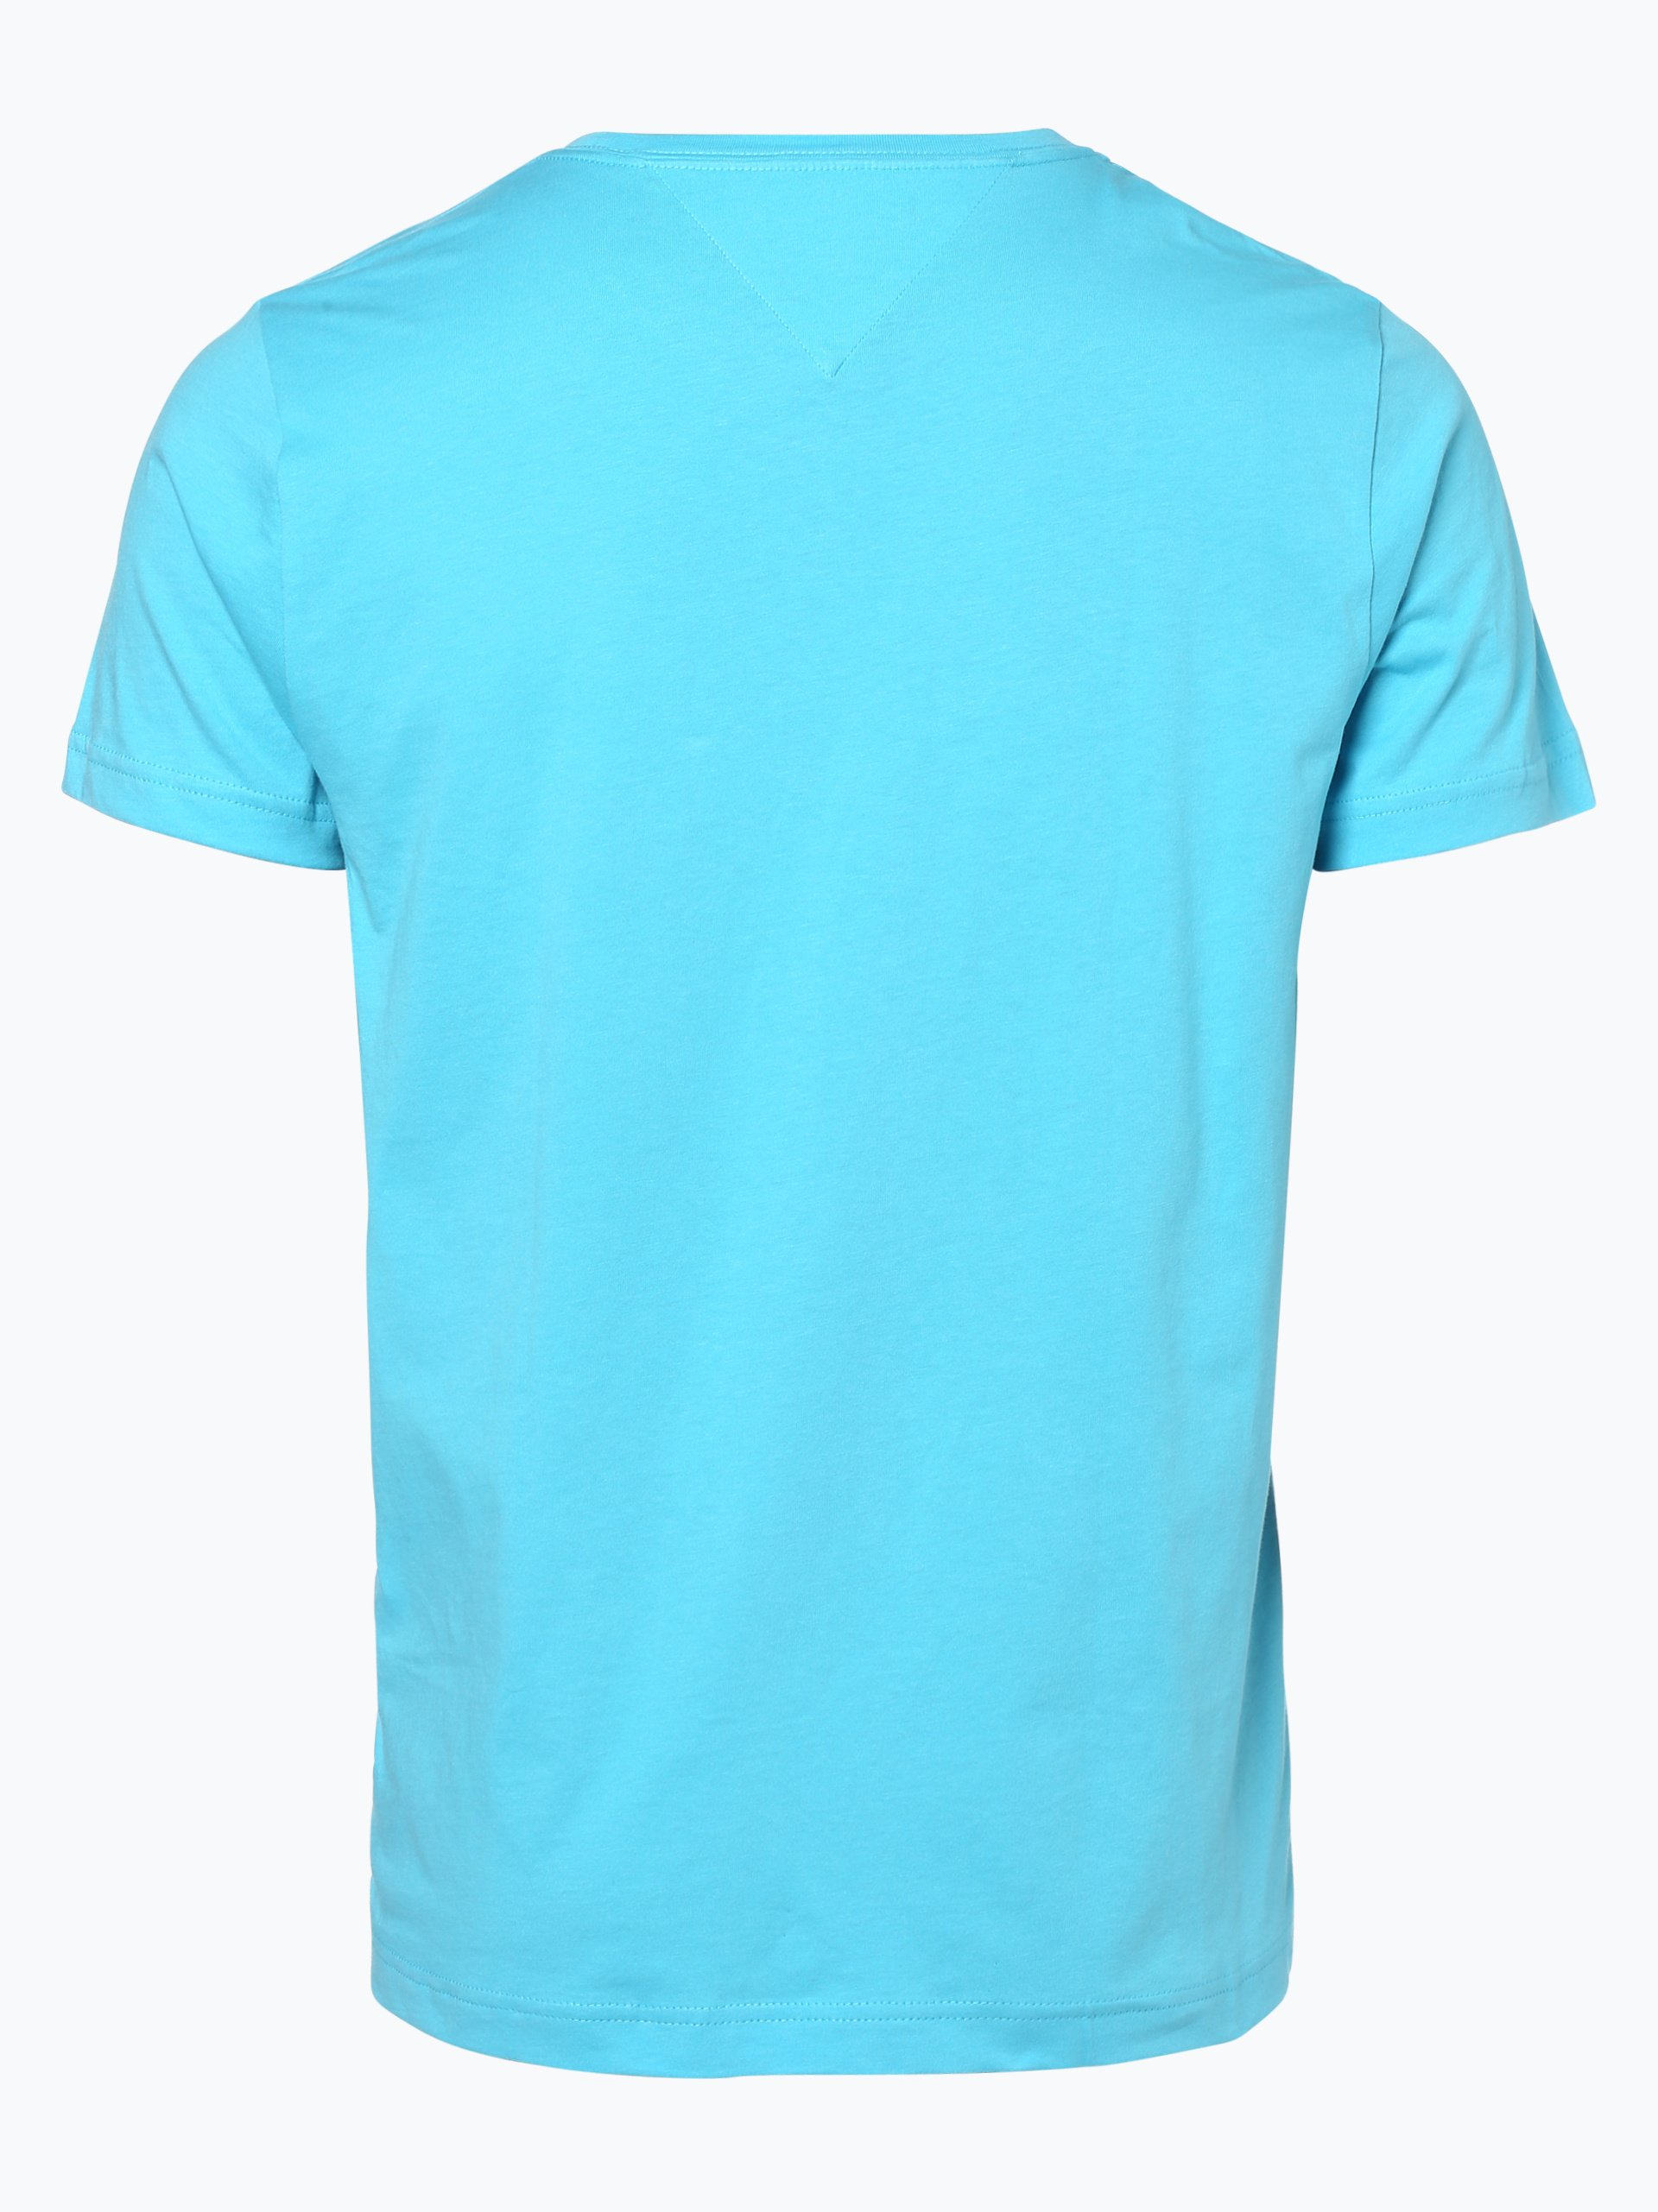 tommy hilfiger herren t shirt hellblau bedruckt online kaufen vangraaf com. Black Bedroom Furniture Sets. Home Design Ideas